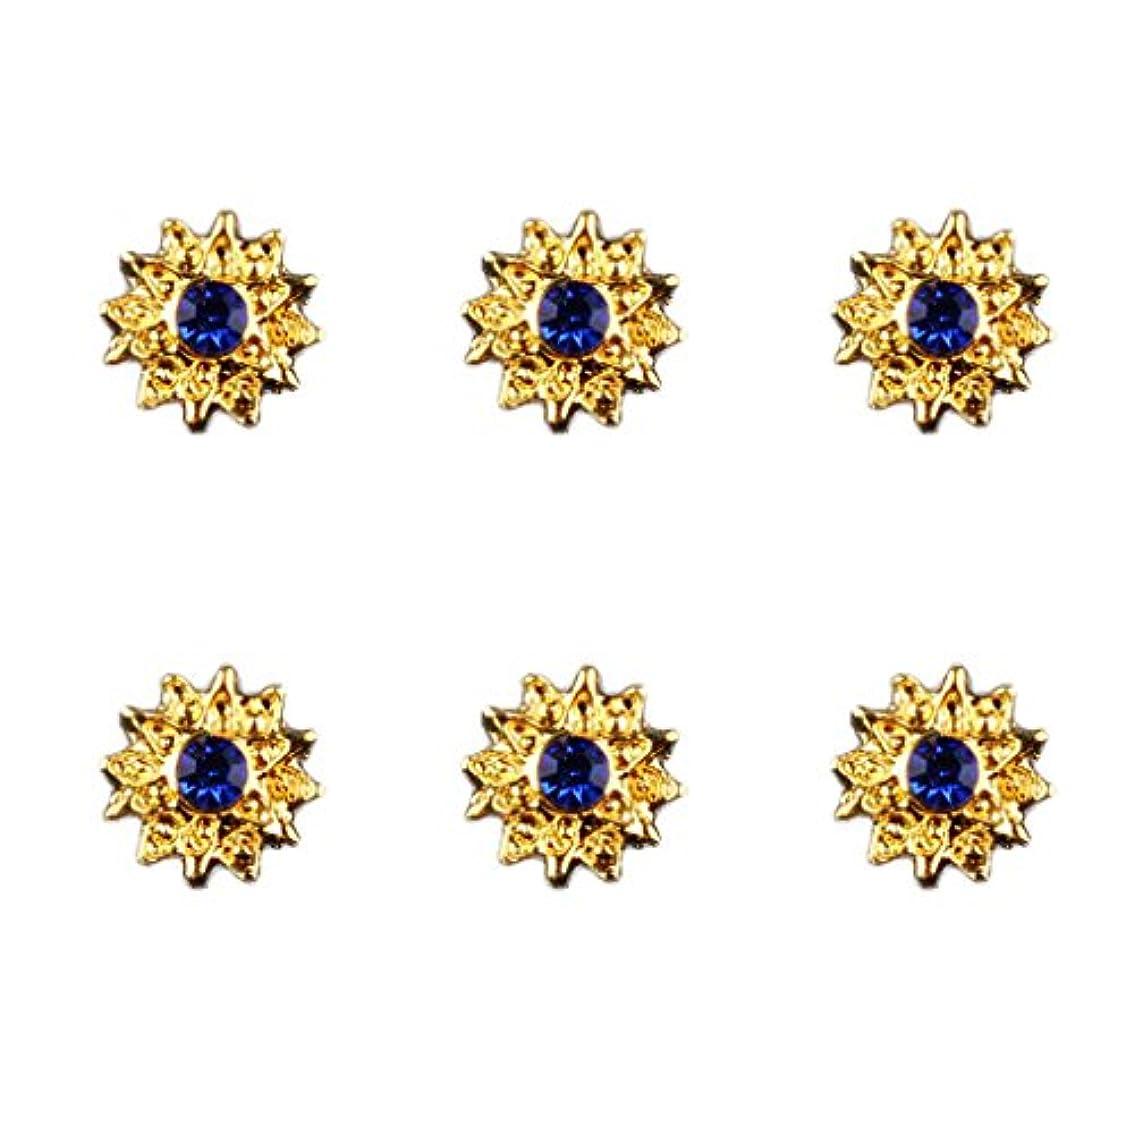 滅びる初期の動揺させる約50個入り マニキュア ダイヤモンド 3Dネイルアート ヒントステッカー 装飾 全8種類 - 6